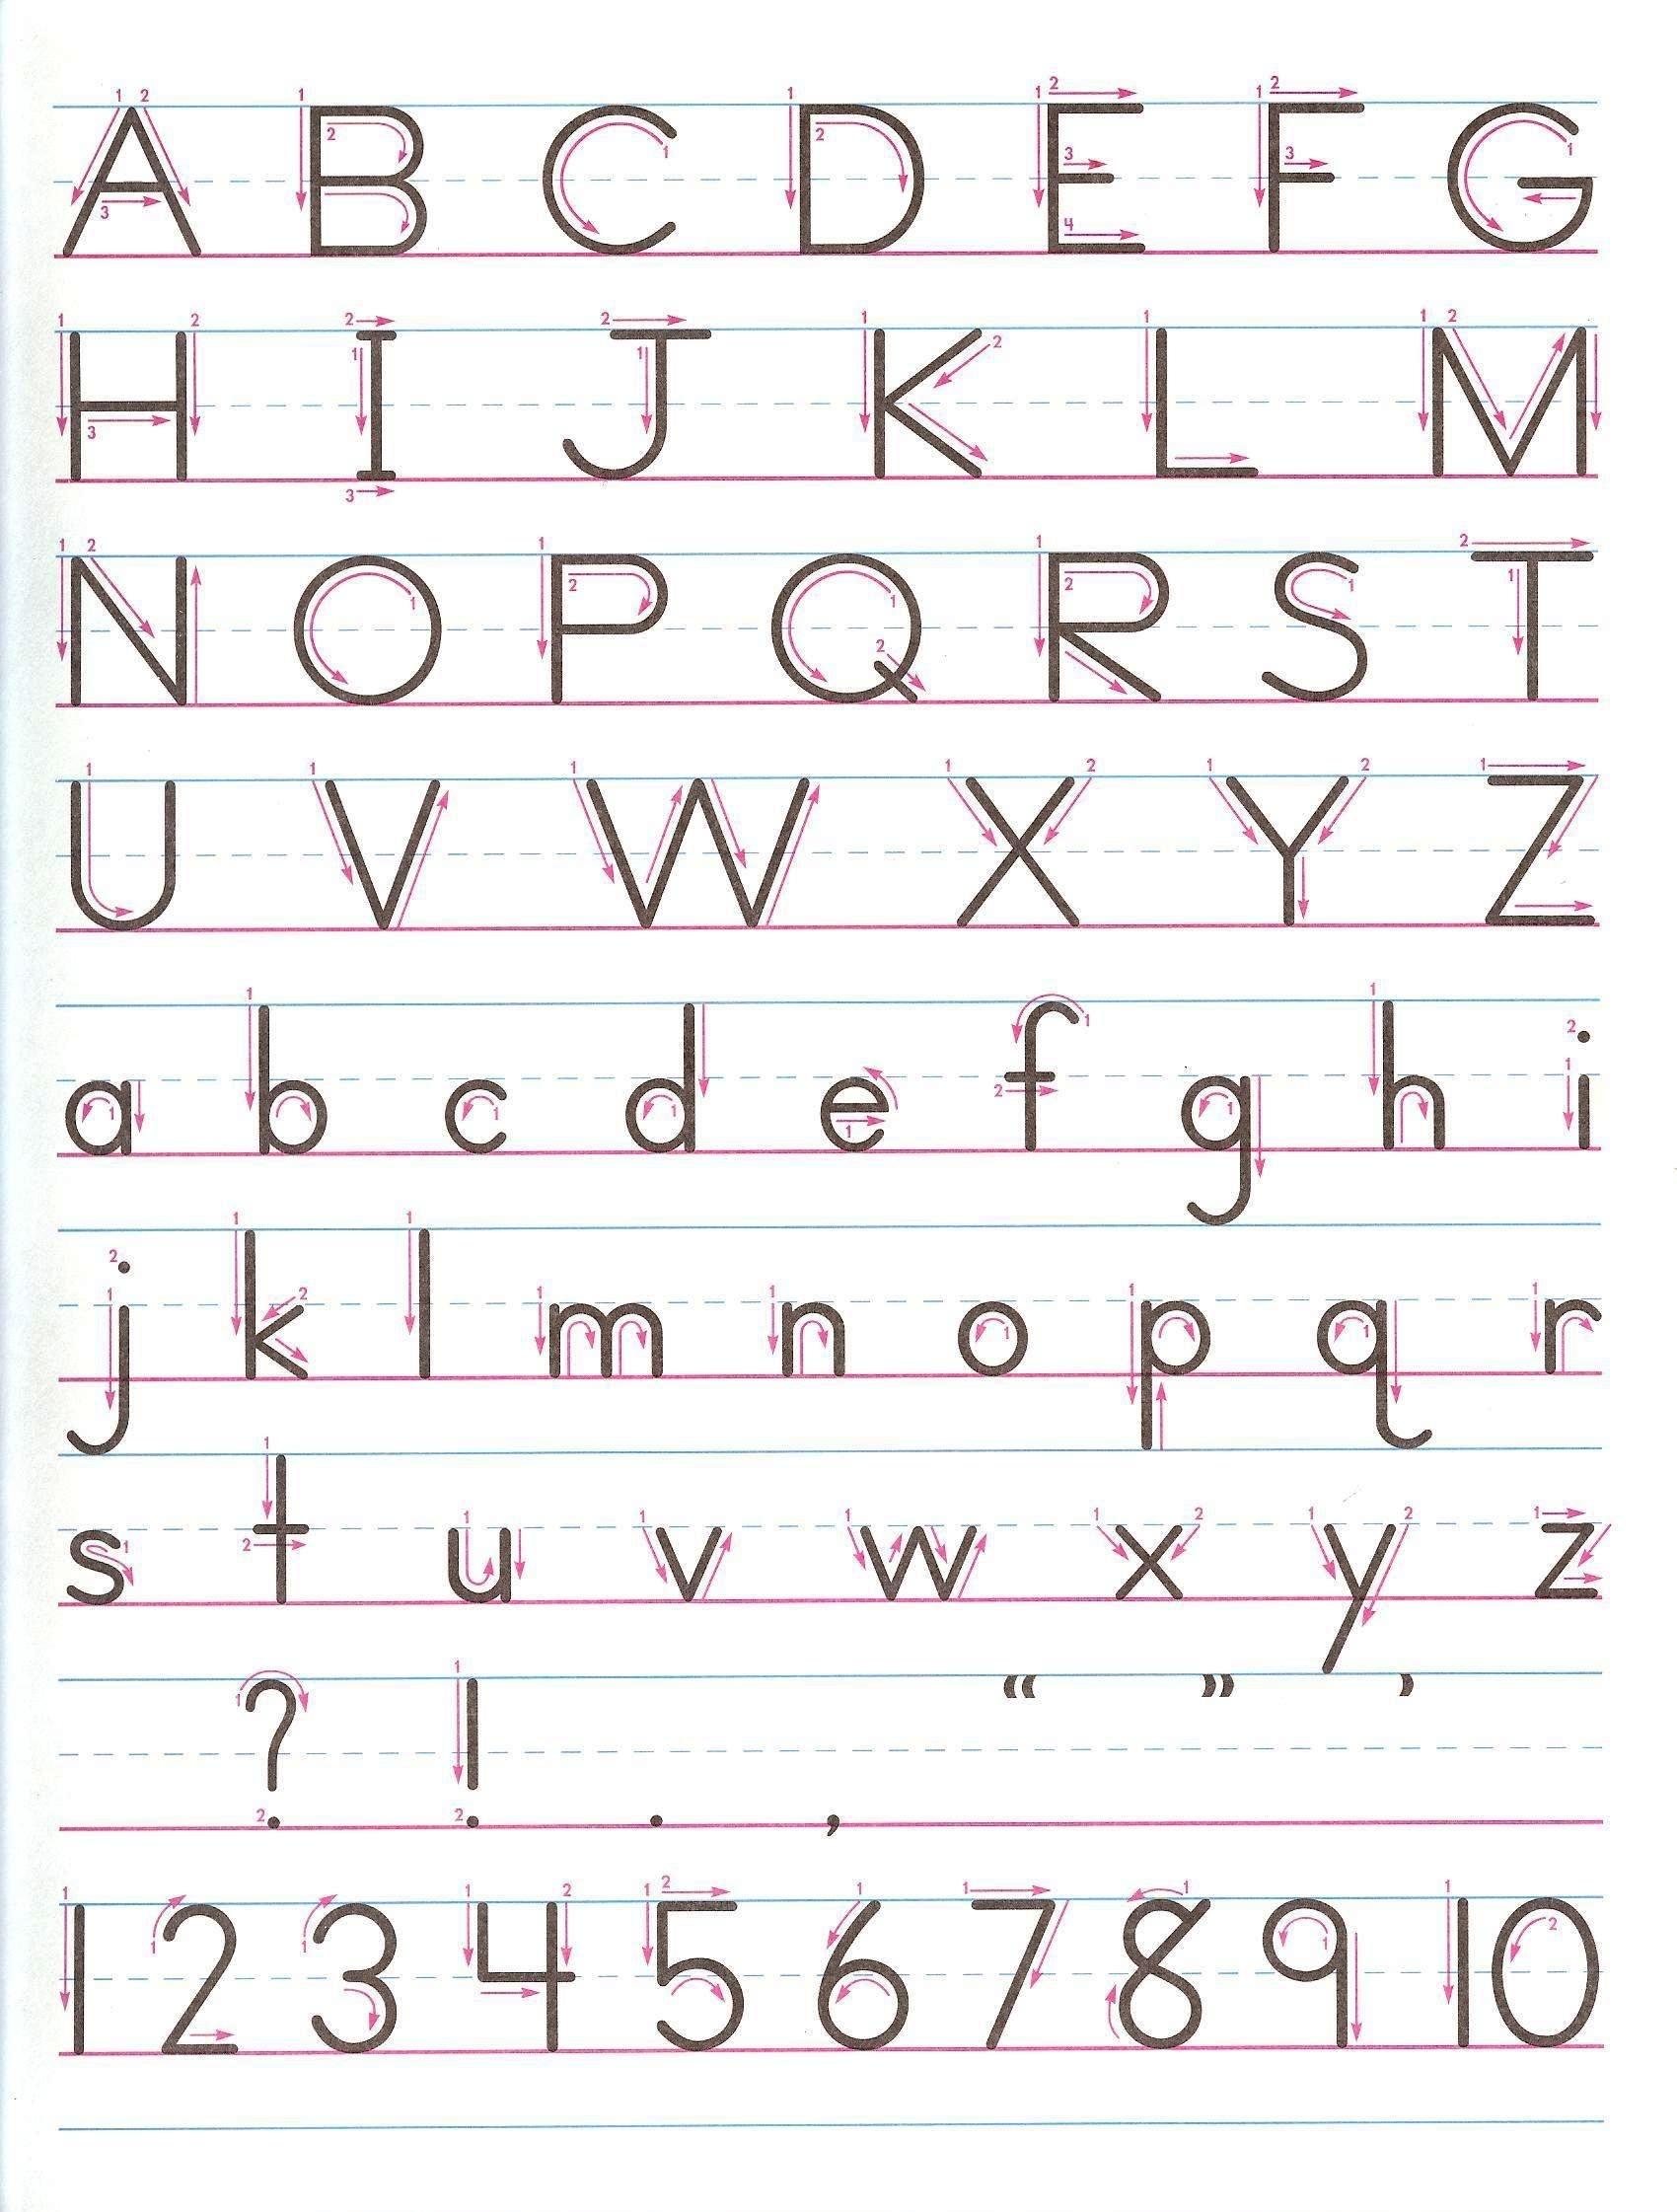 Manuscript+Handwriting+Practice   Homeschool Handwriting - Handwriting Without Tears Worksheets Free Printable